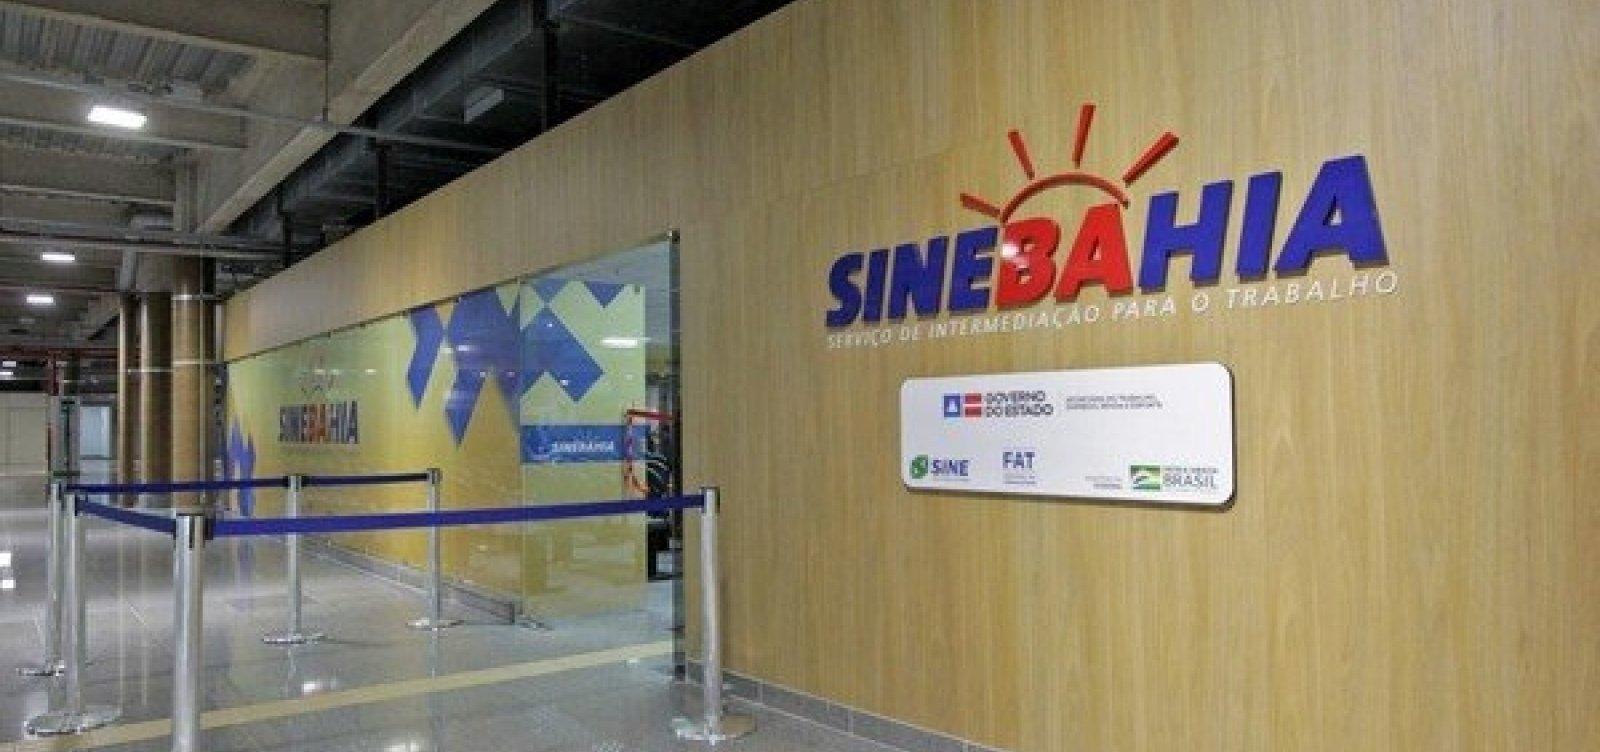 Nova unidade de agência central do SineBahia é inaugurada em Salvador